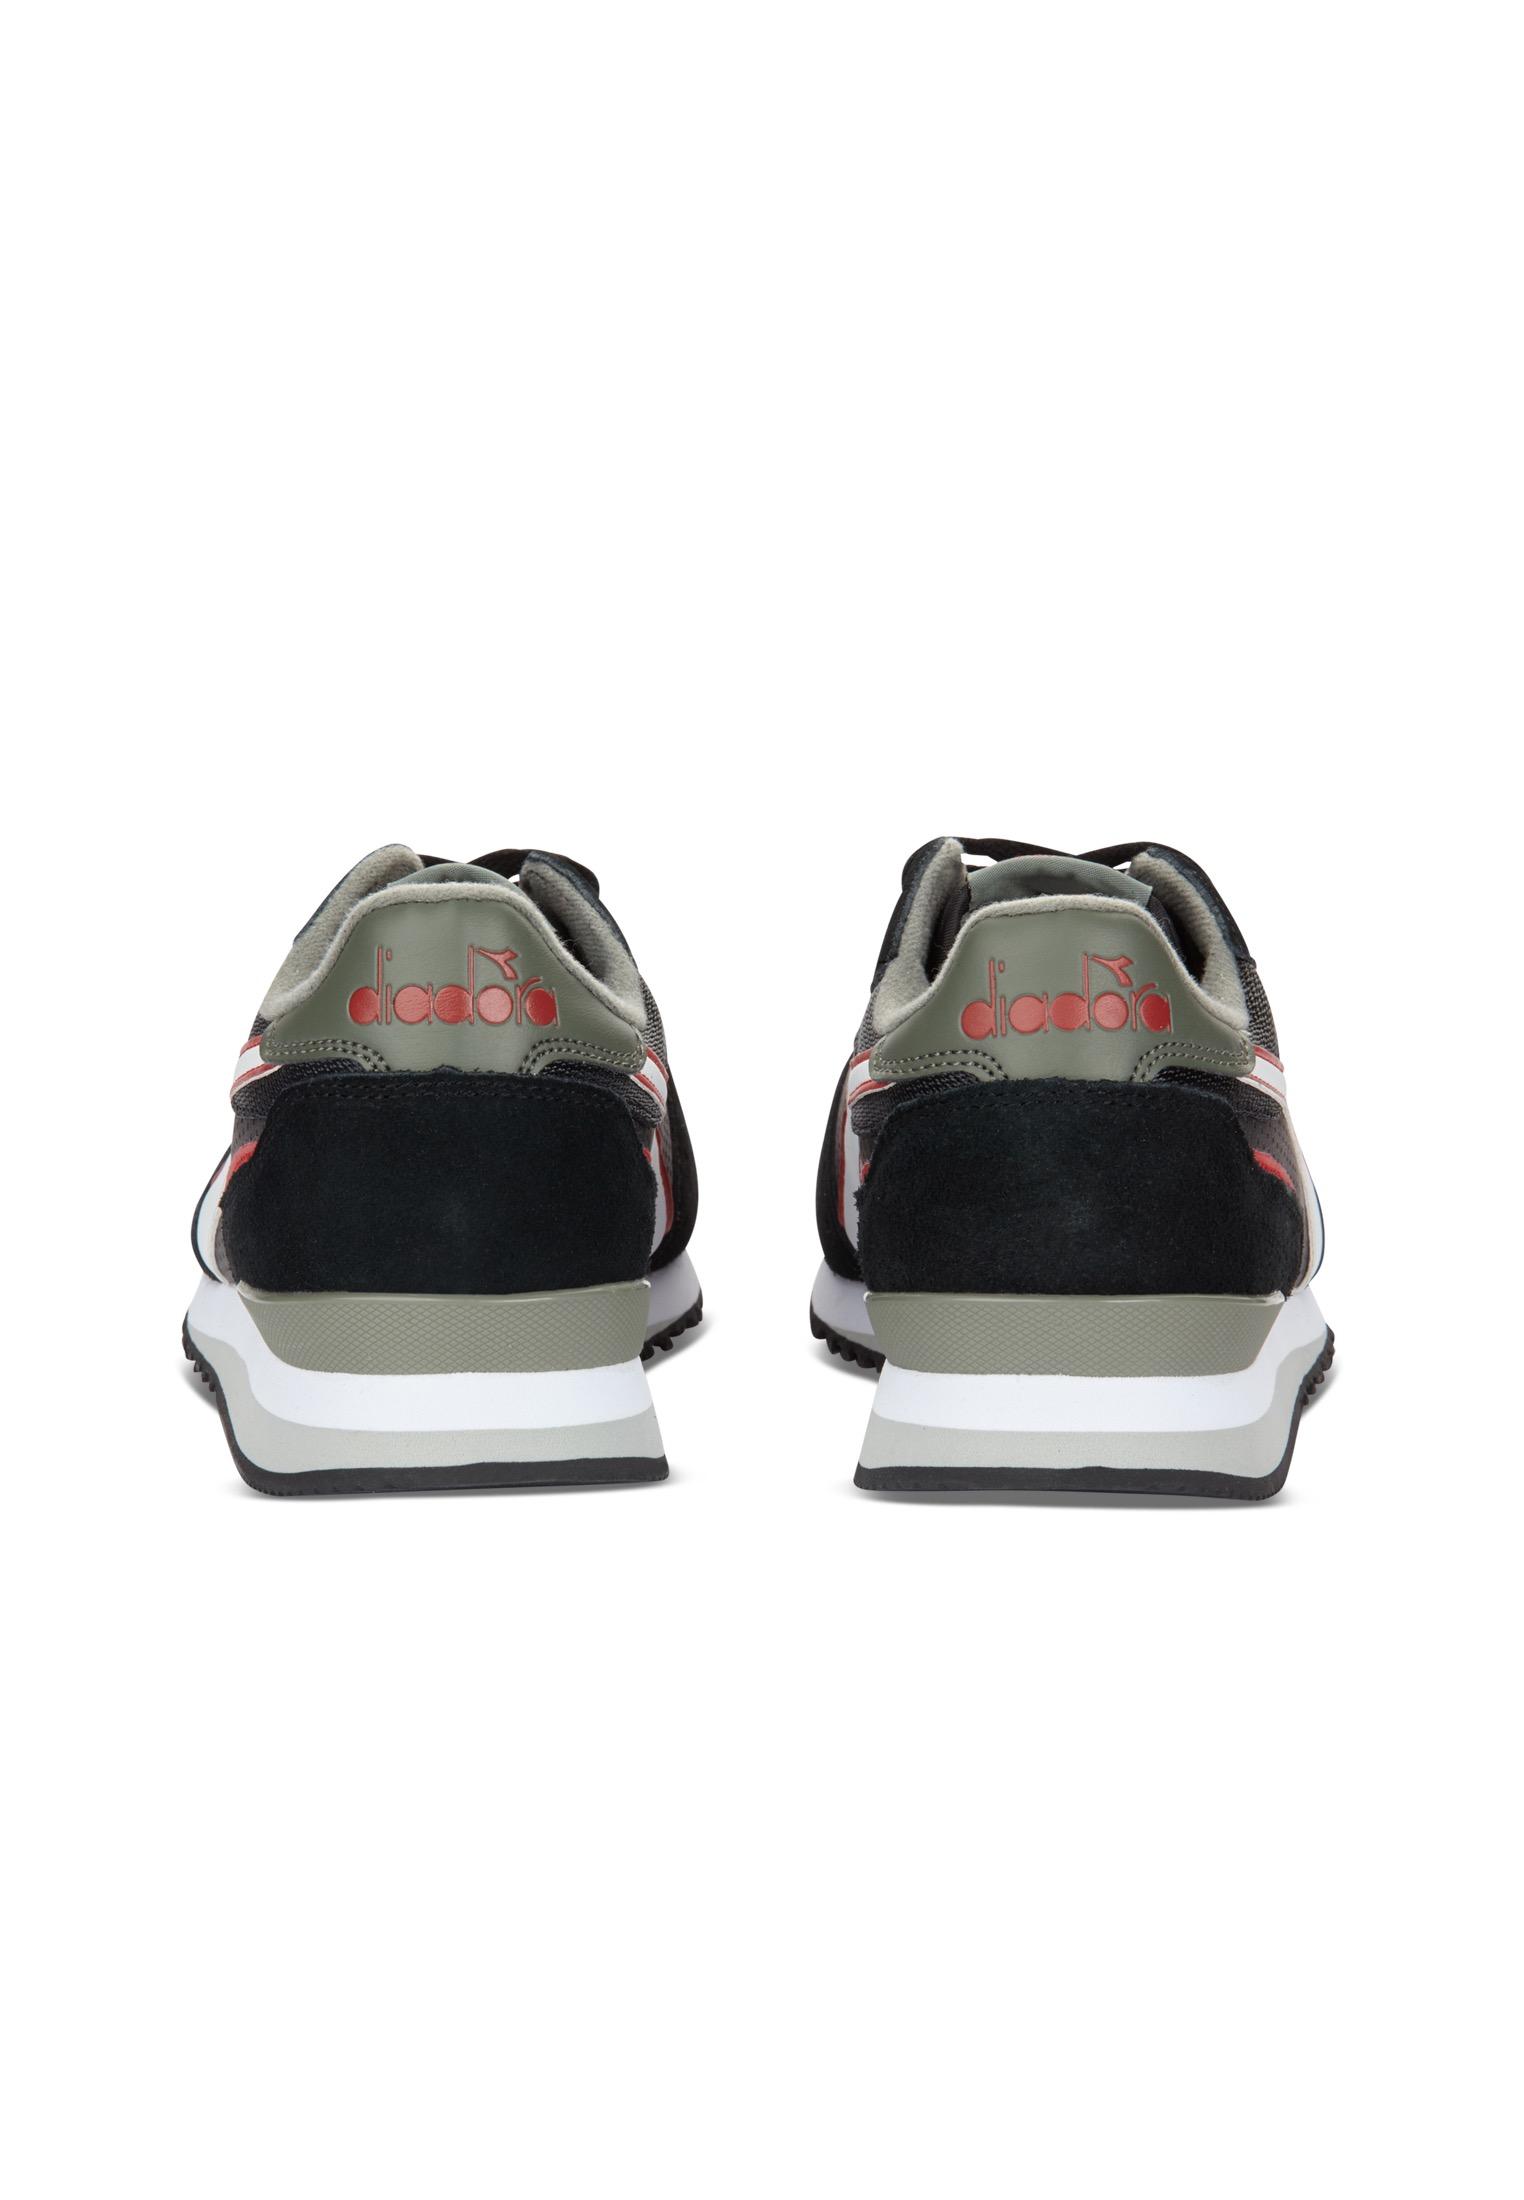 Diadora-Zapatillas-de-Deporte-MALONE-S-para-hombre-y-mujer miniatura 13